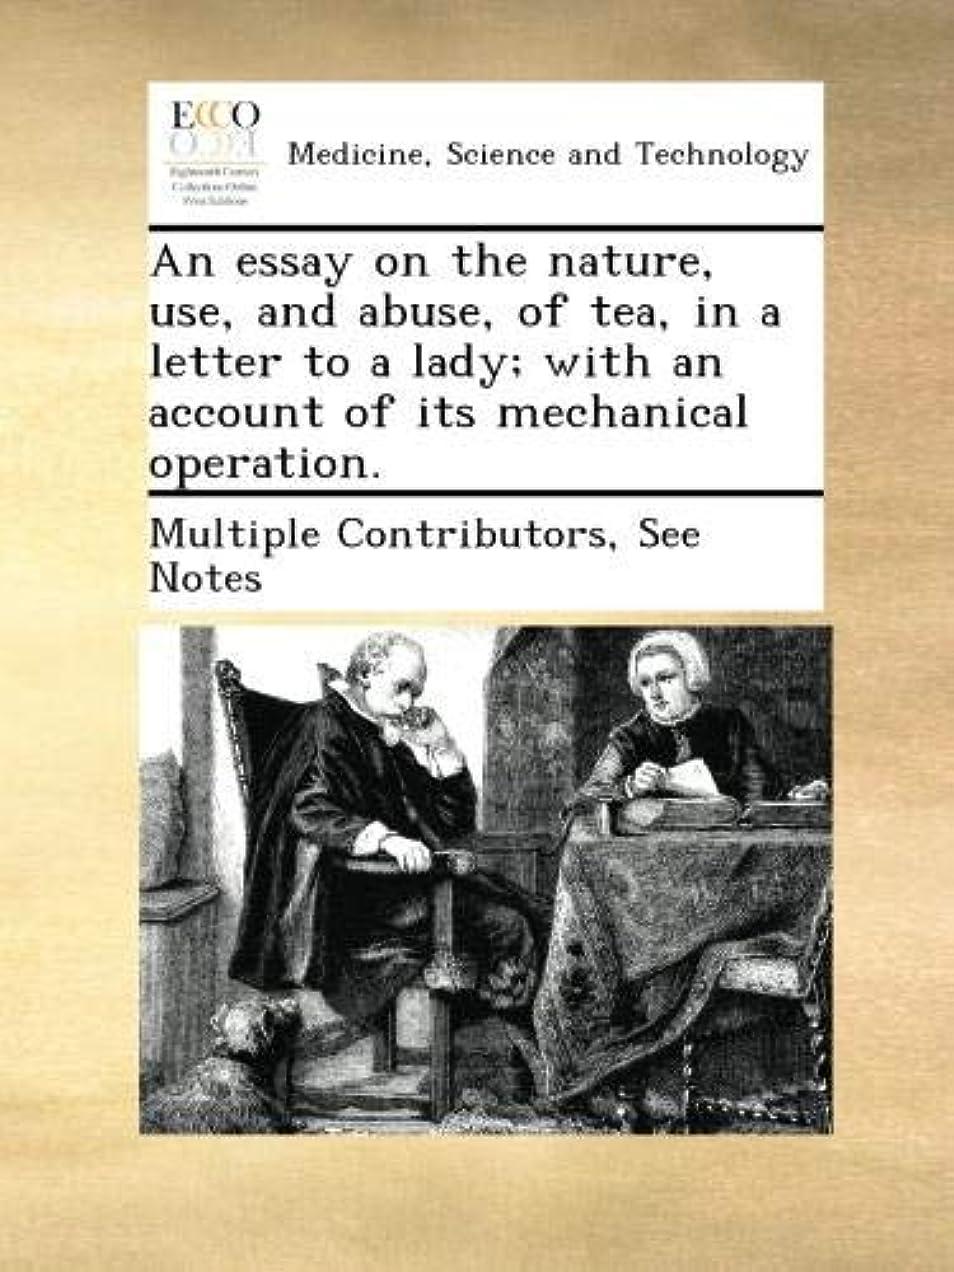 銀河憎しみ所持An essay on the nature, use, and abuse, of tea, in a letter to a lady; with an account of its mechanical operation.